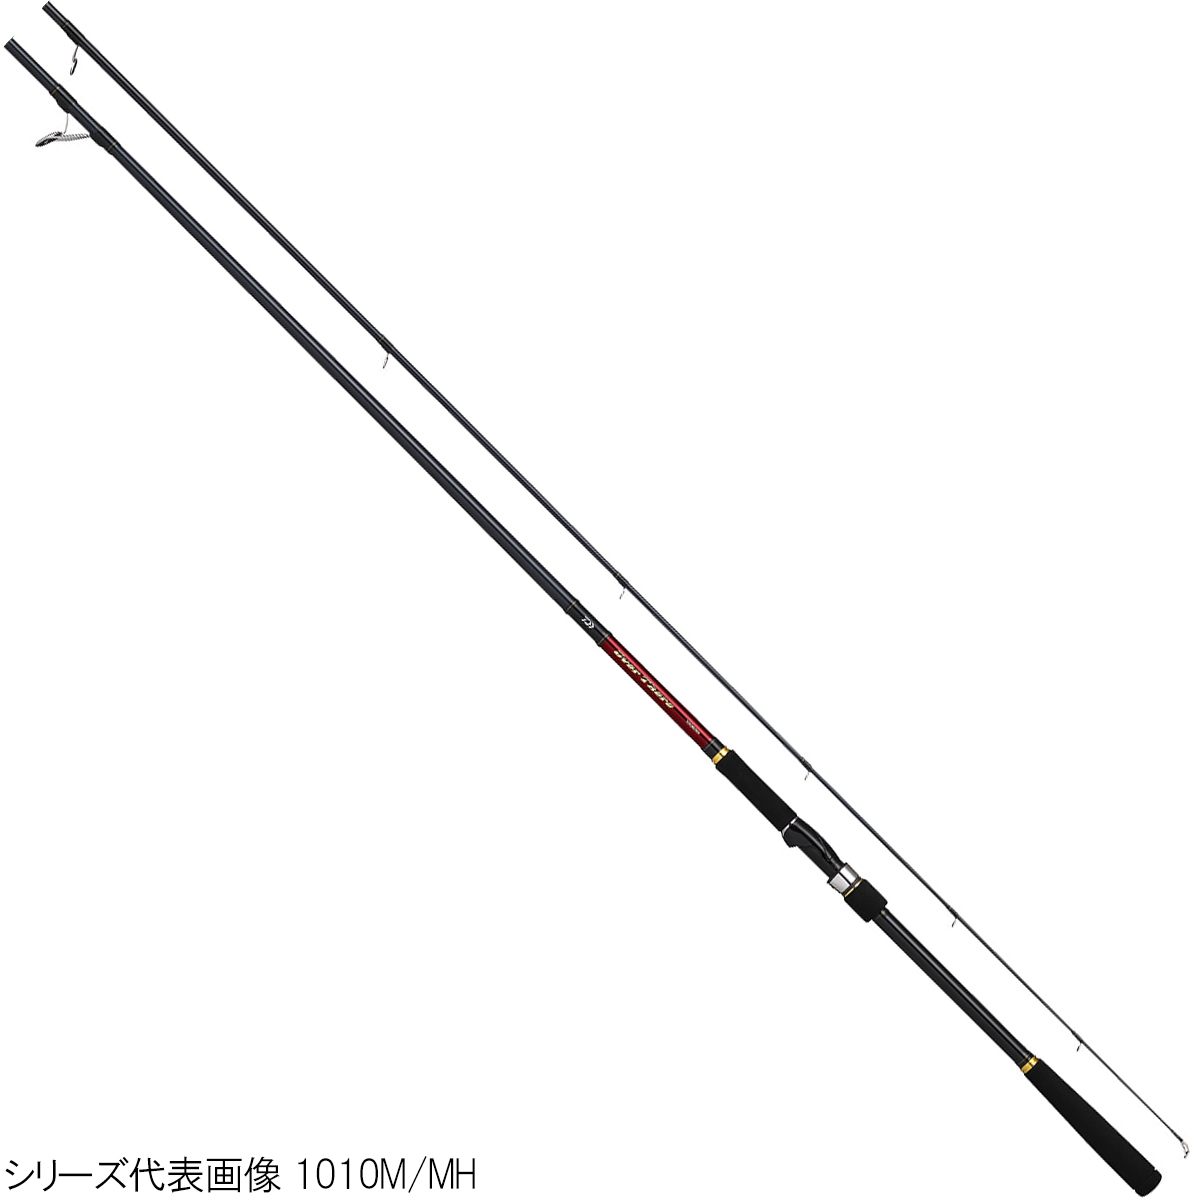 ダイワ オーバーゼア 109MH【大型商品】(東日本店)